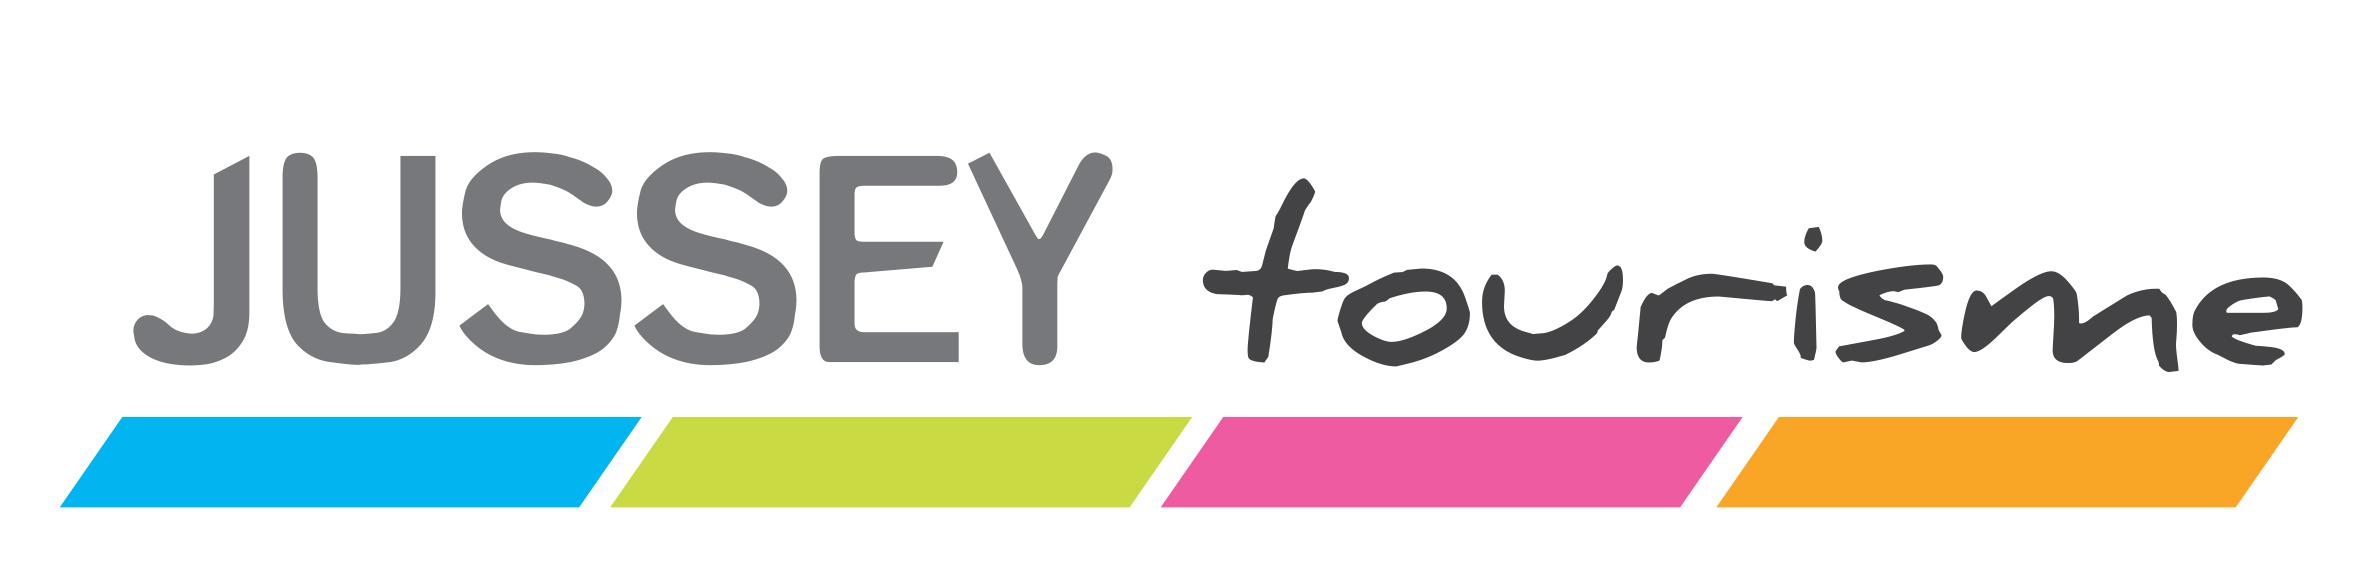 jussey-tourisme-logo